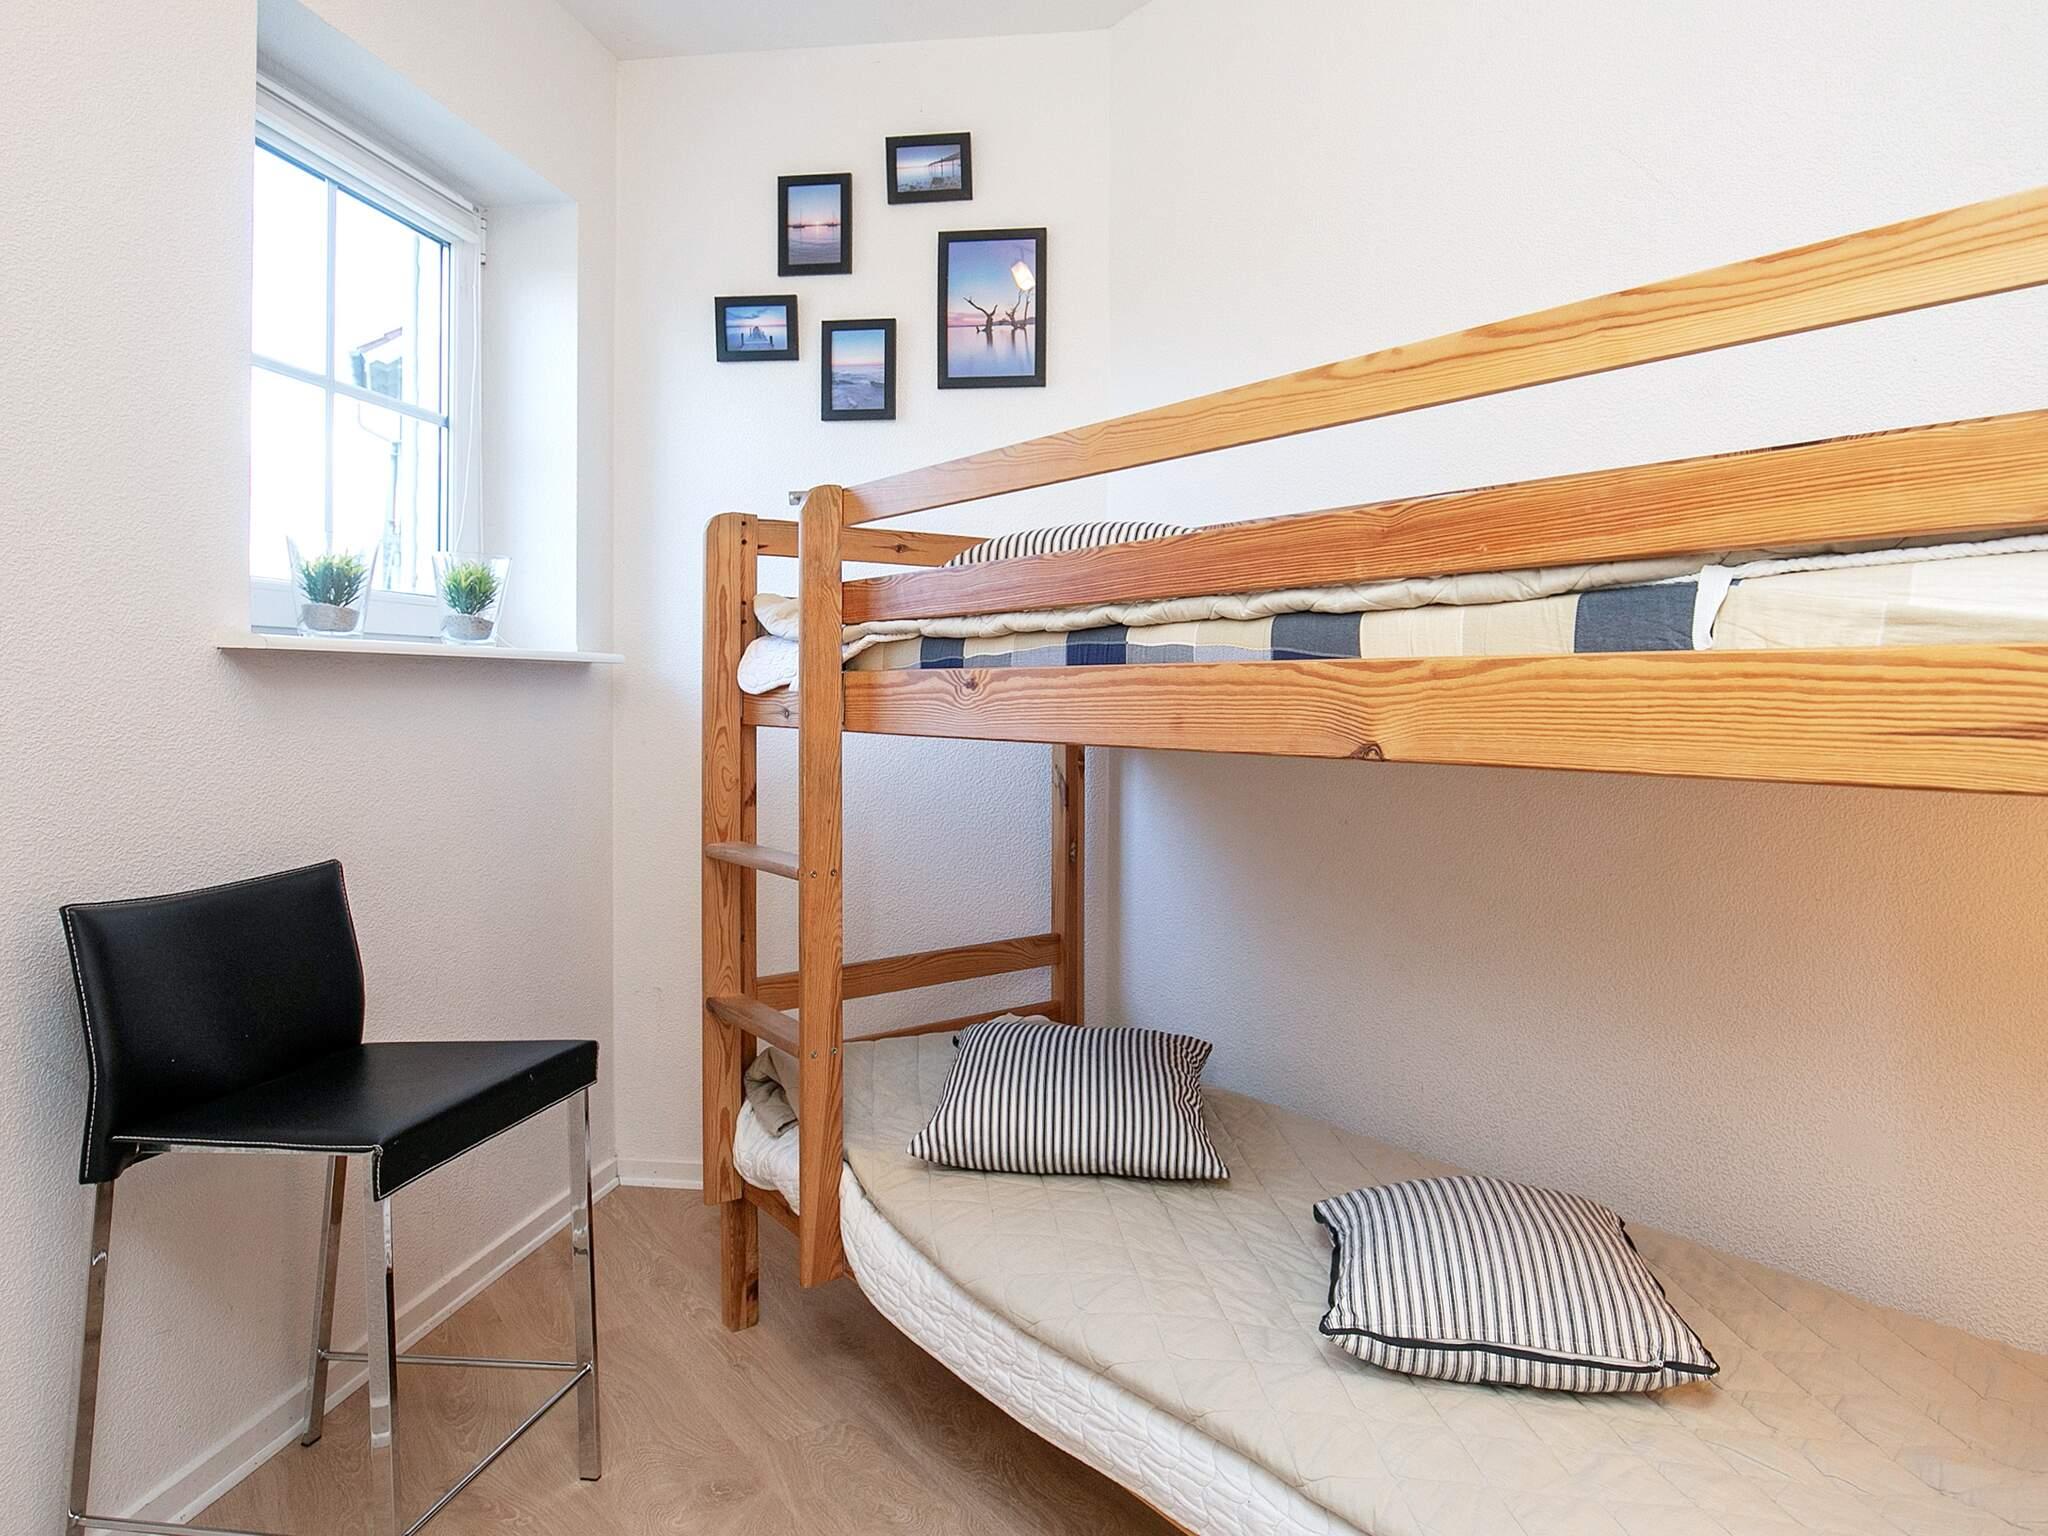 Appartement de vacances Bogense - Typ 4 - 3 Zimmer,Erdgeschoss (1087170), Bogense, , Fionie, Danemark, image 5